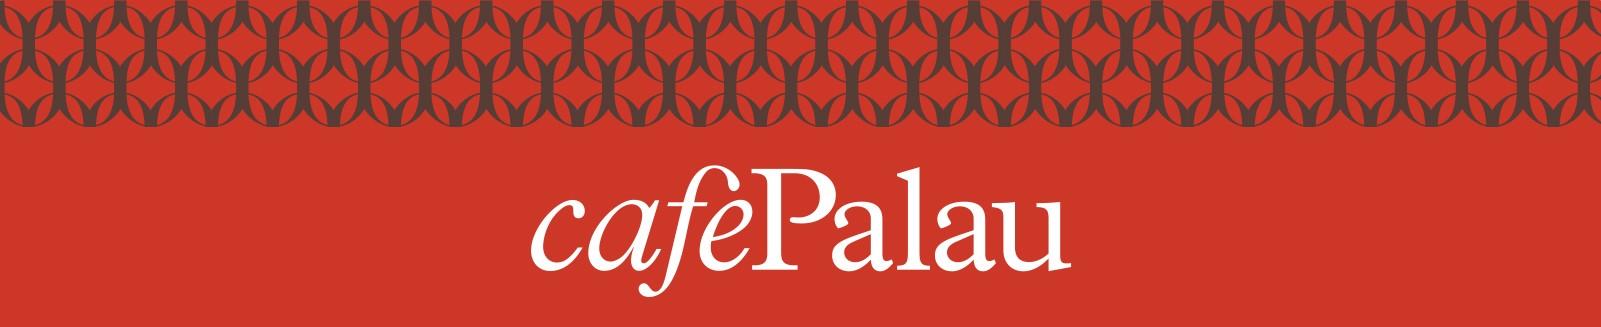 cabecera cafe palau